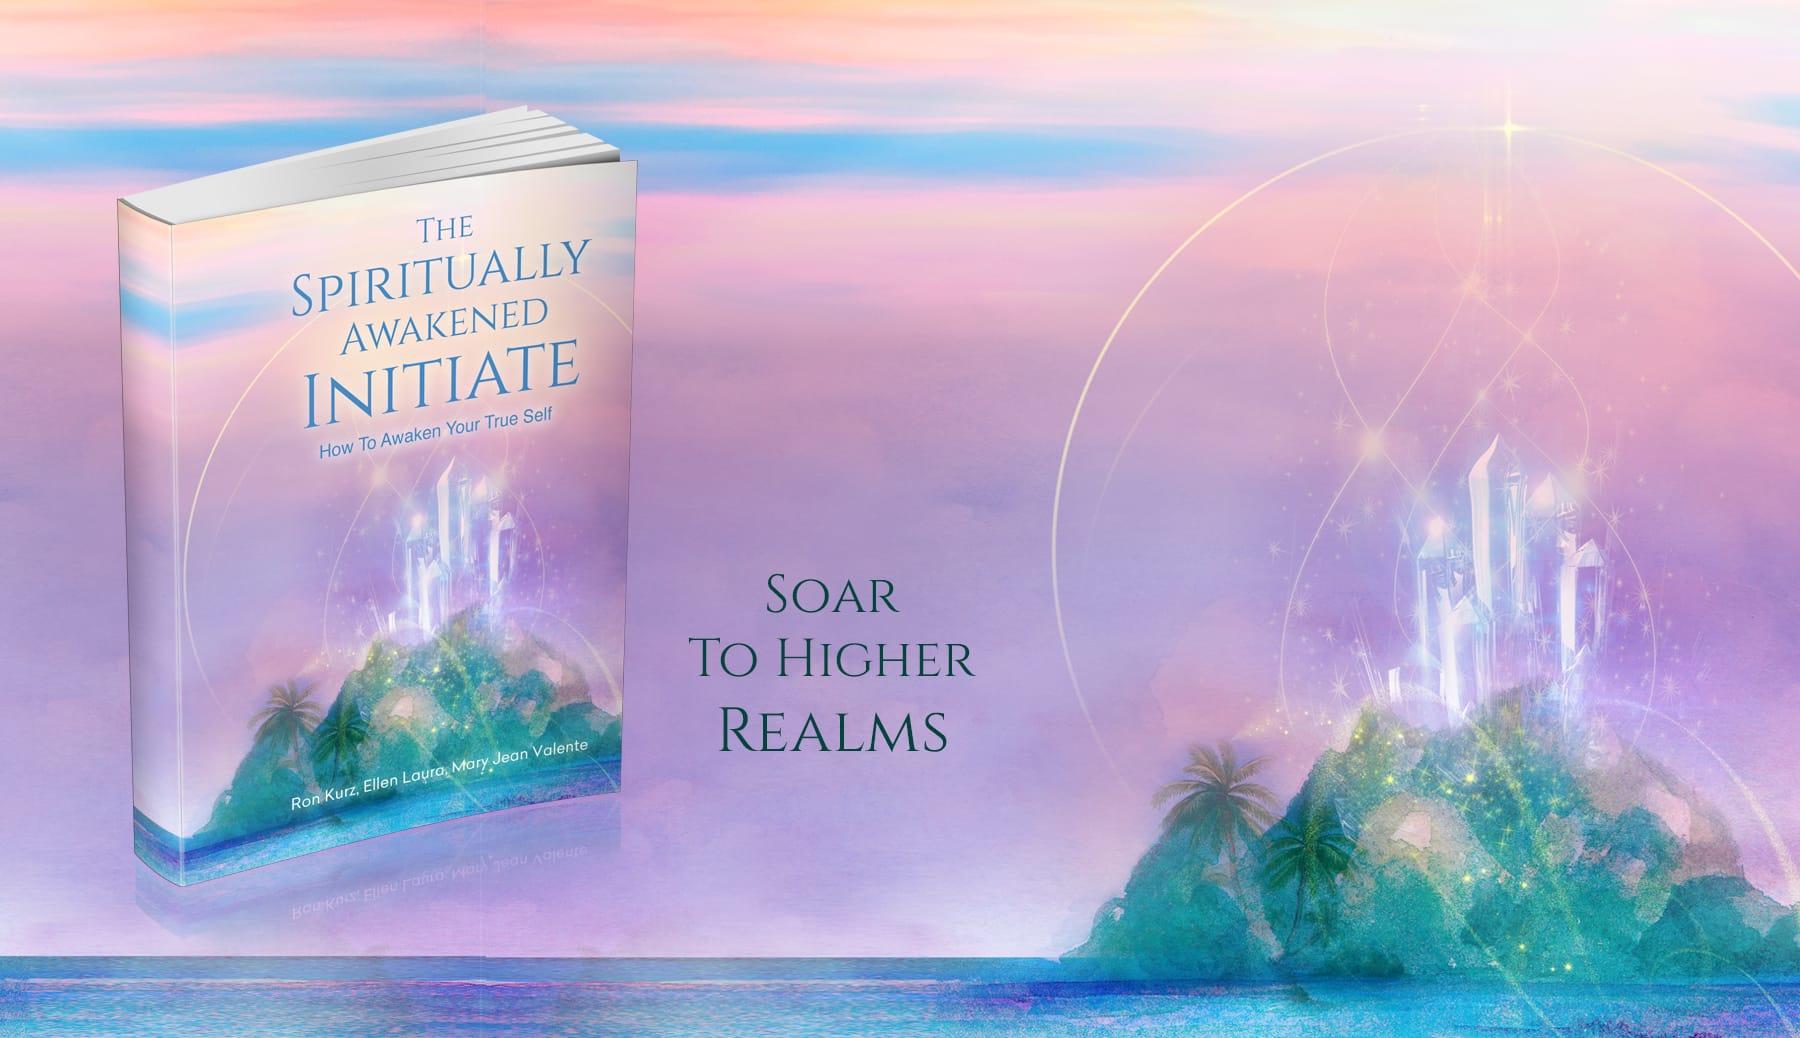 The Spiritually Awakened Initiate